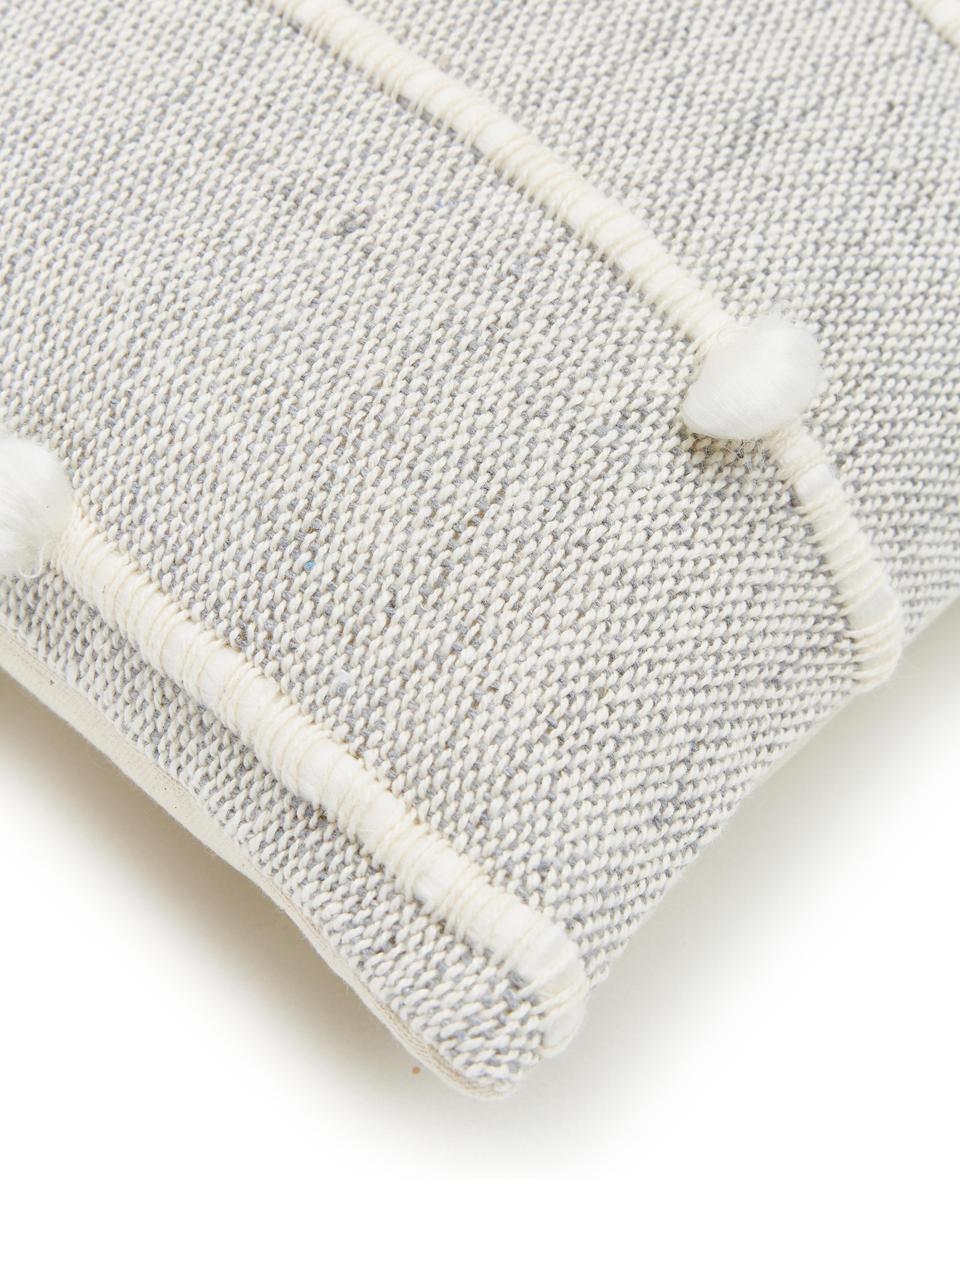 Kissen Bubble mit Verzierungen, mit Inlett, Bezug: 100% Acryl, Grau, Weiß, 45 x 45 cm